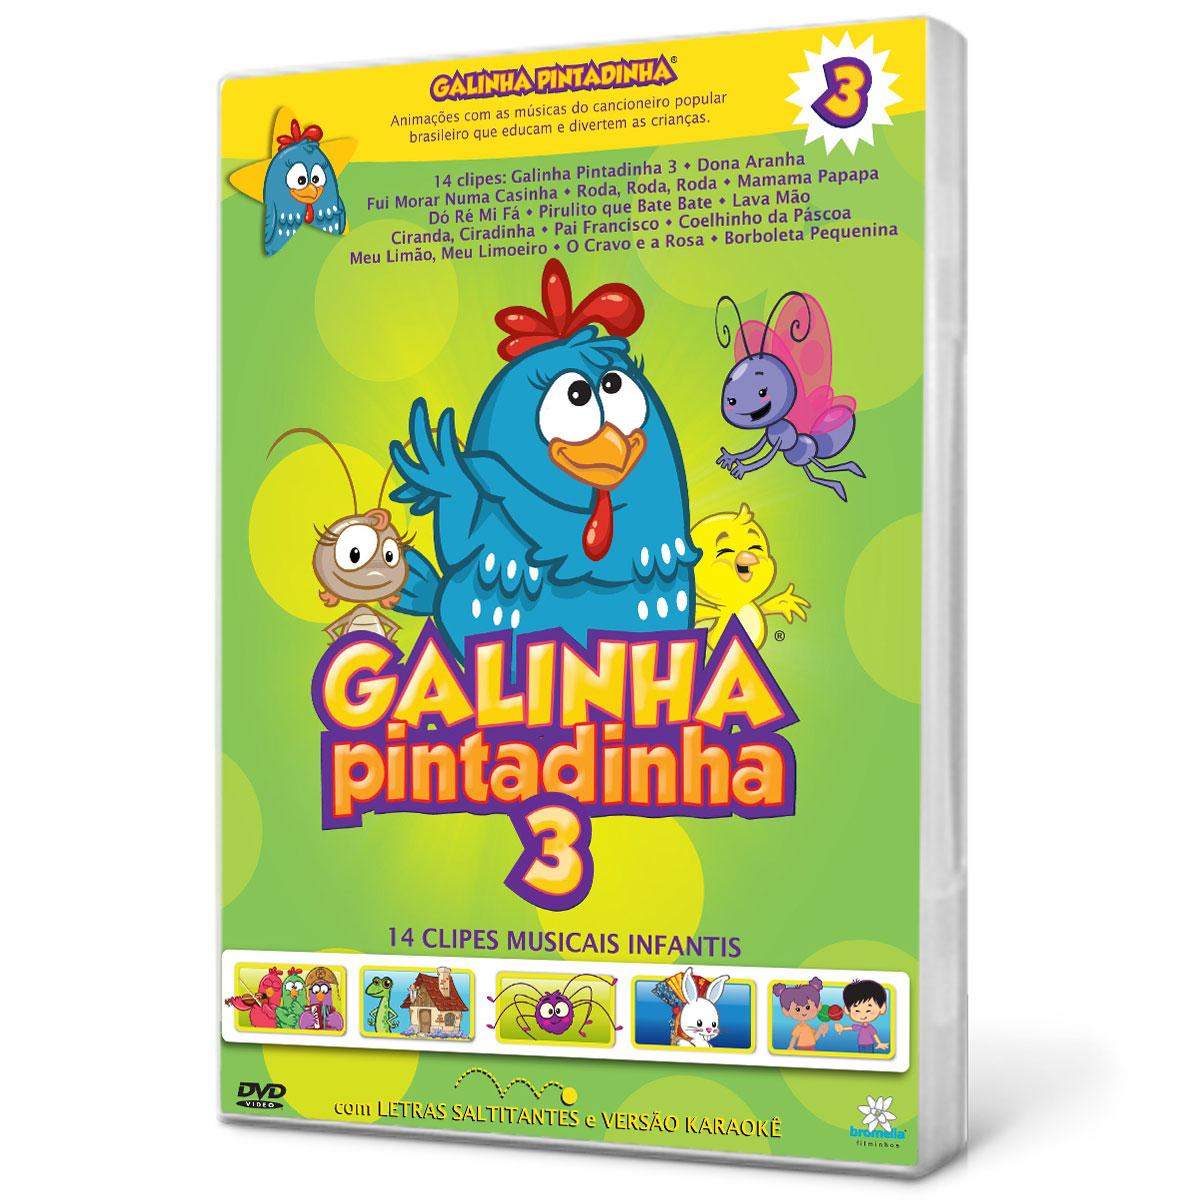 DVD CD A Galinha Pintadinha 3   Galinha pintadinha e sua turma